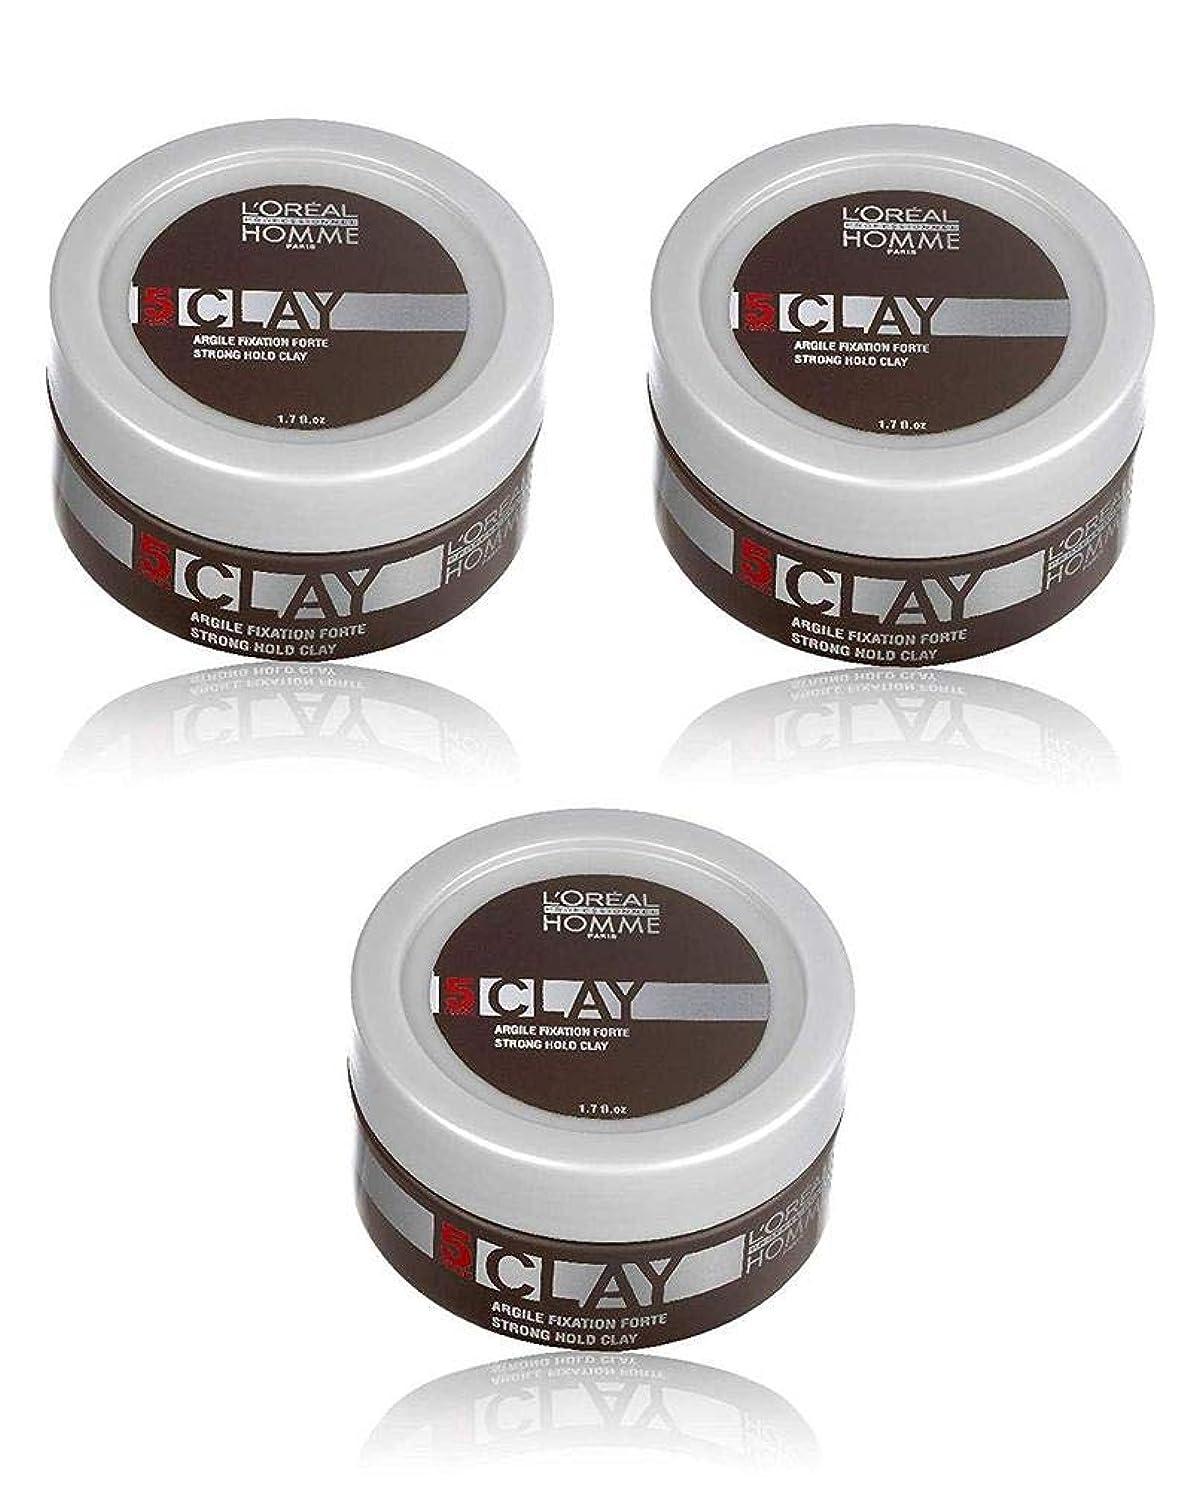 く活性化する検索エンジンマーケティングロレアル プロフェッショナル  5 クレイワックス 50g [ミディアムハードホールド] 整髪料